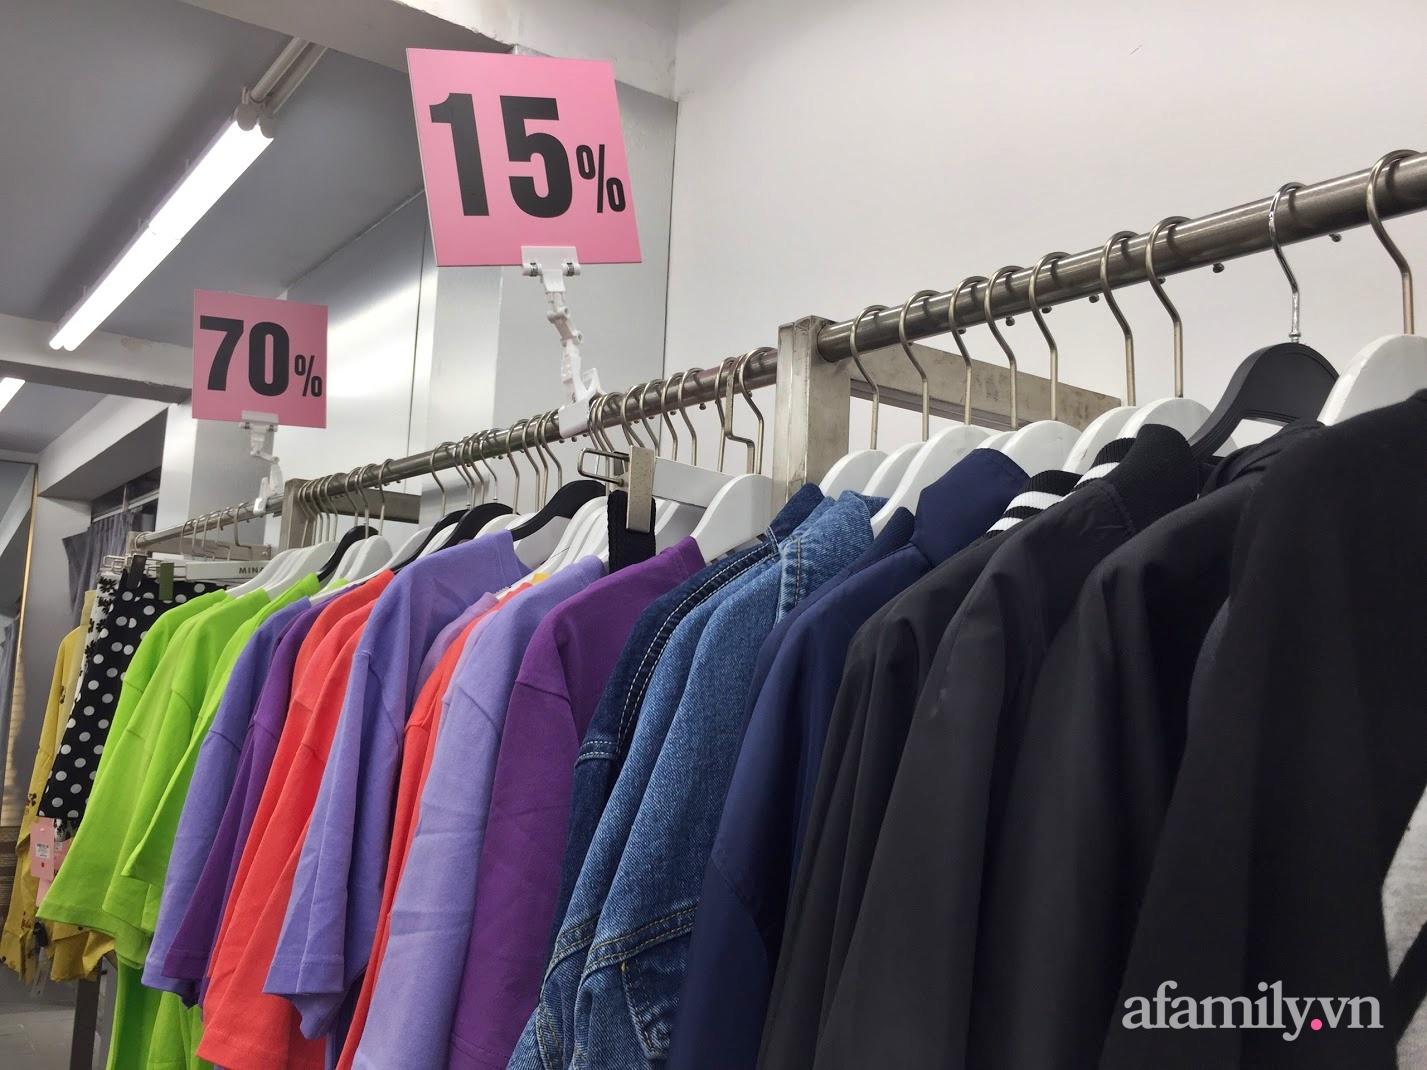 Hà Nội: Phố thời trang, trung tâm thương mại rợp biển giảm giá 80% trước ngày mua sắm Black Friday - Ảnh 4.